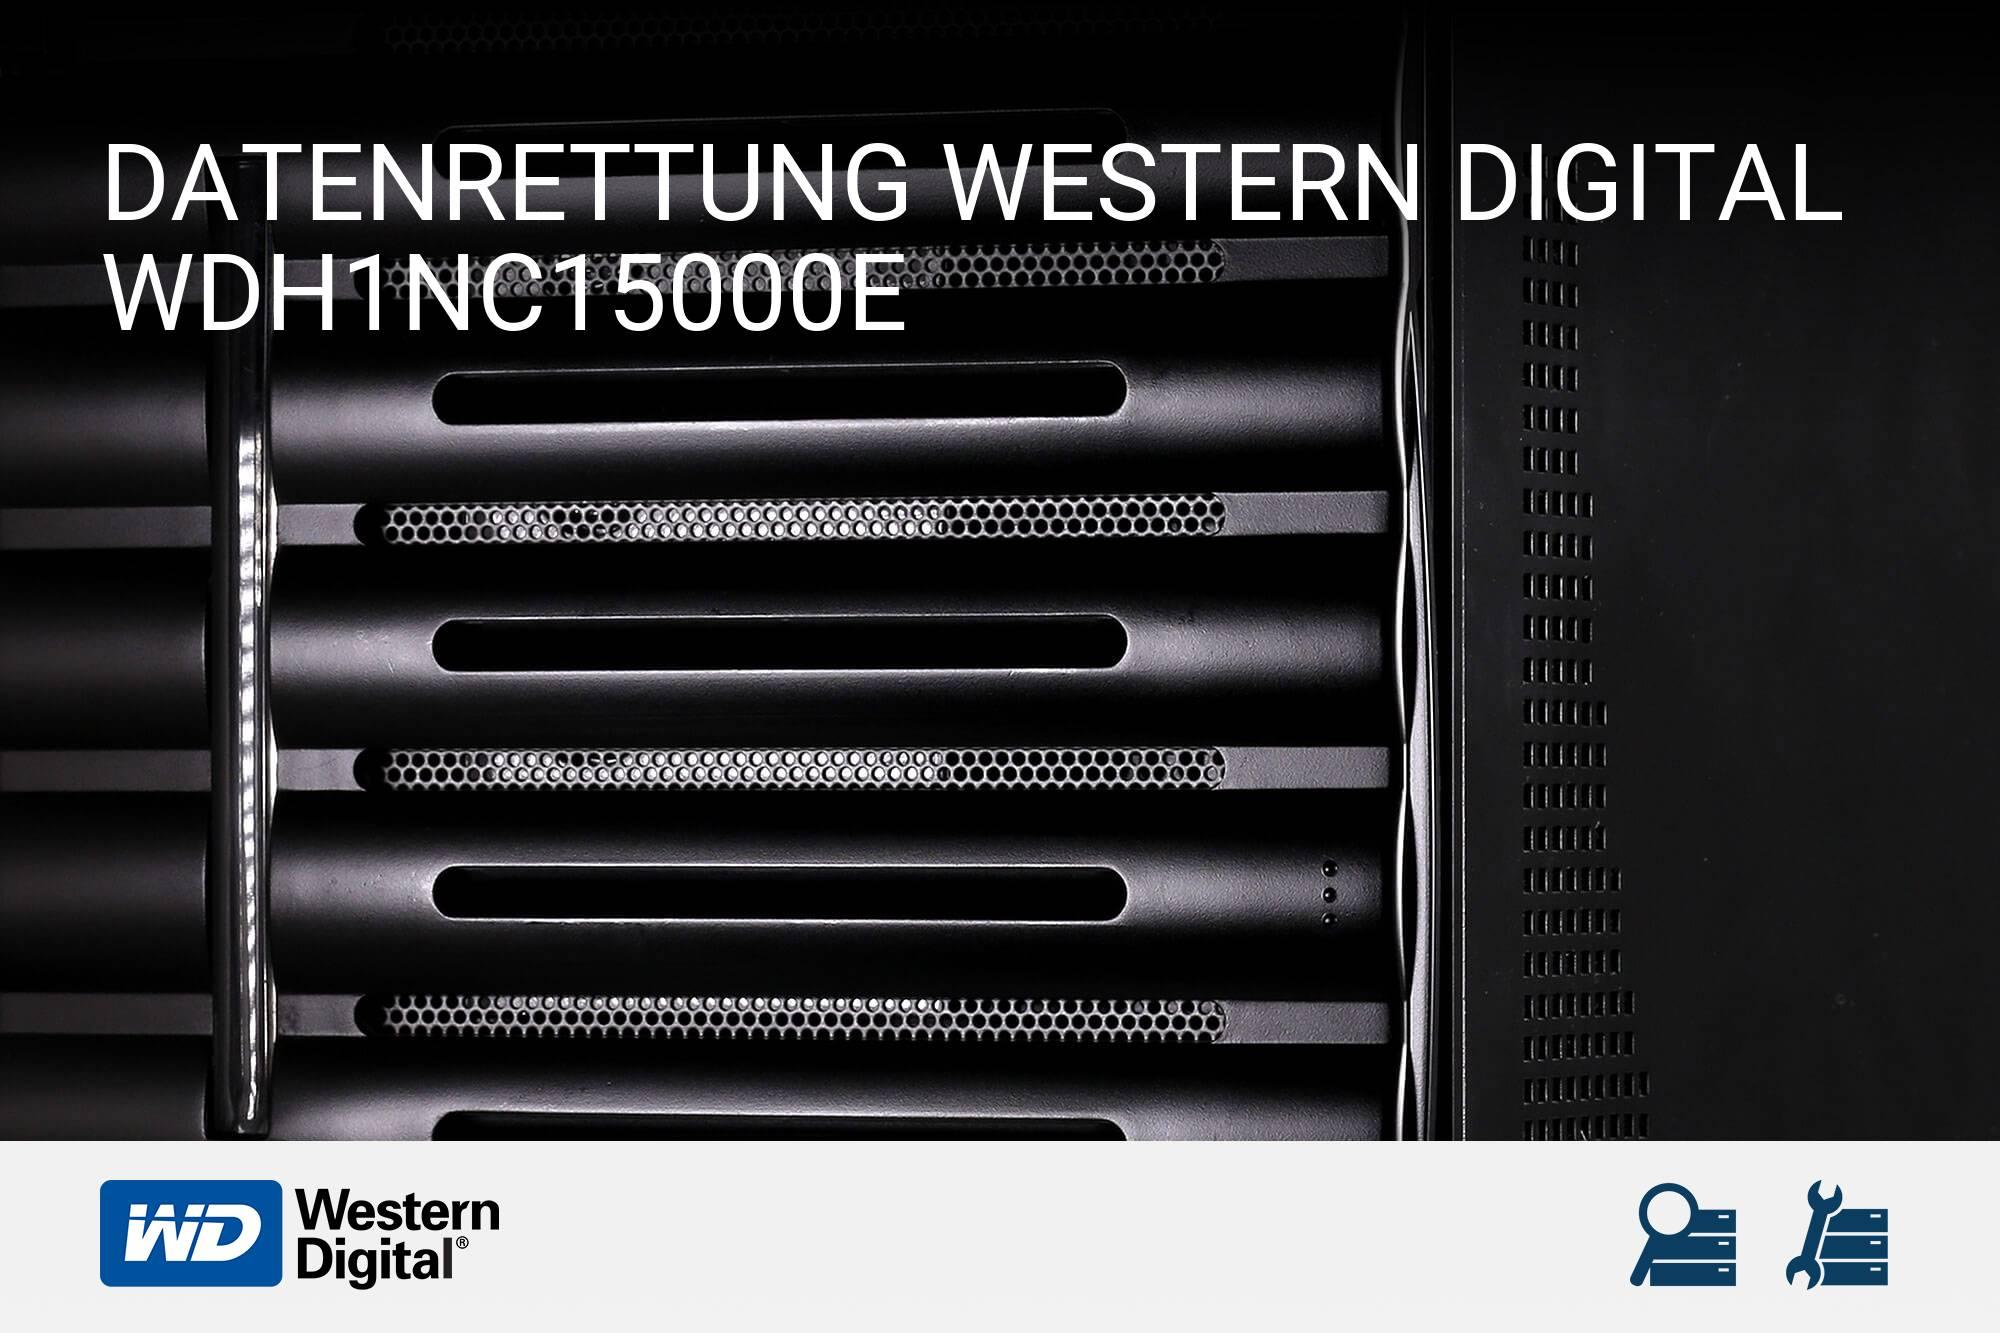 Western Digital WDH1NC15000E